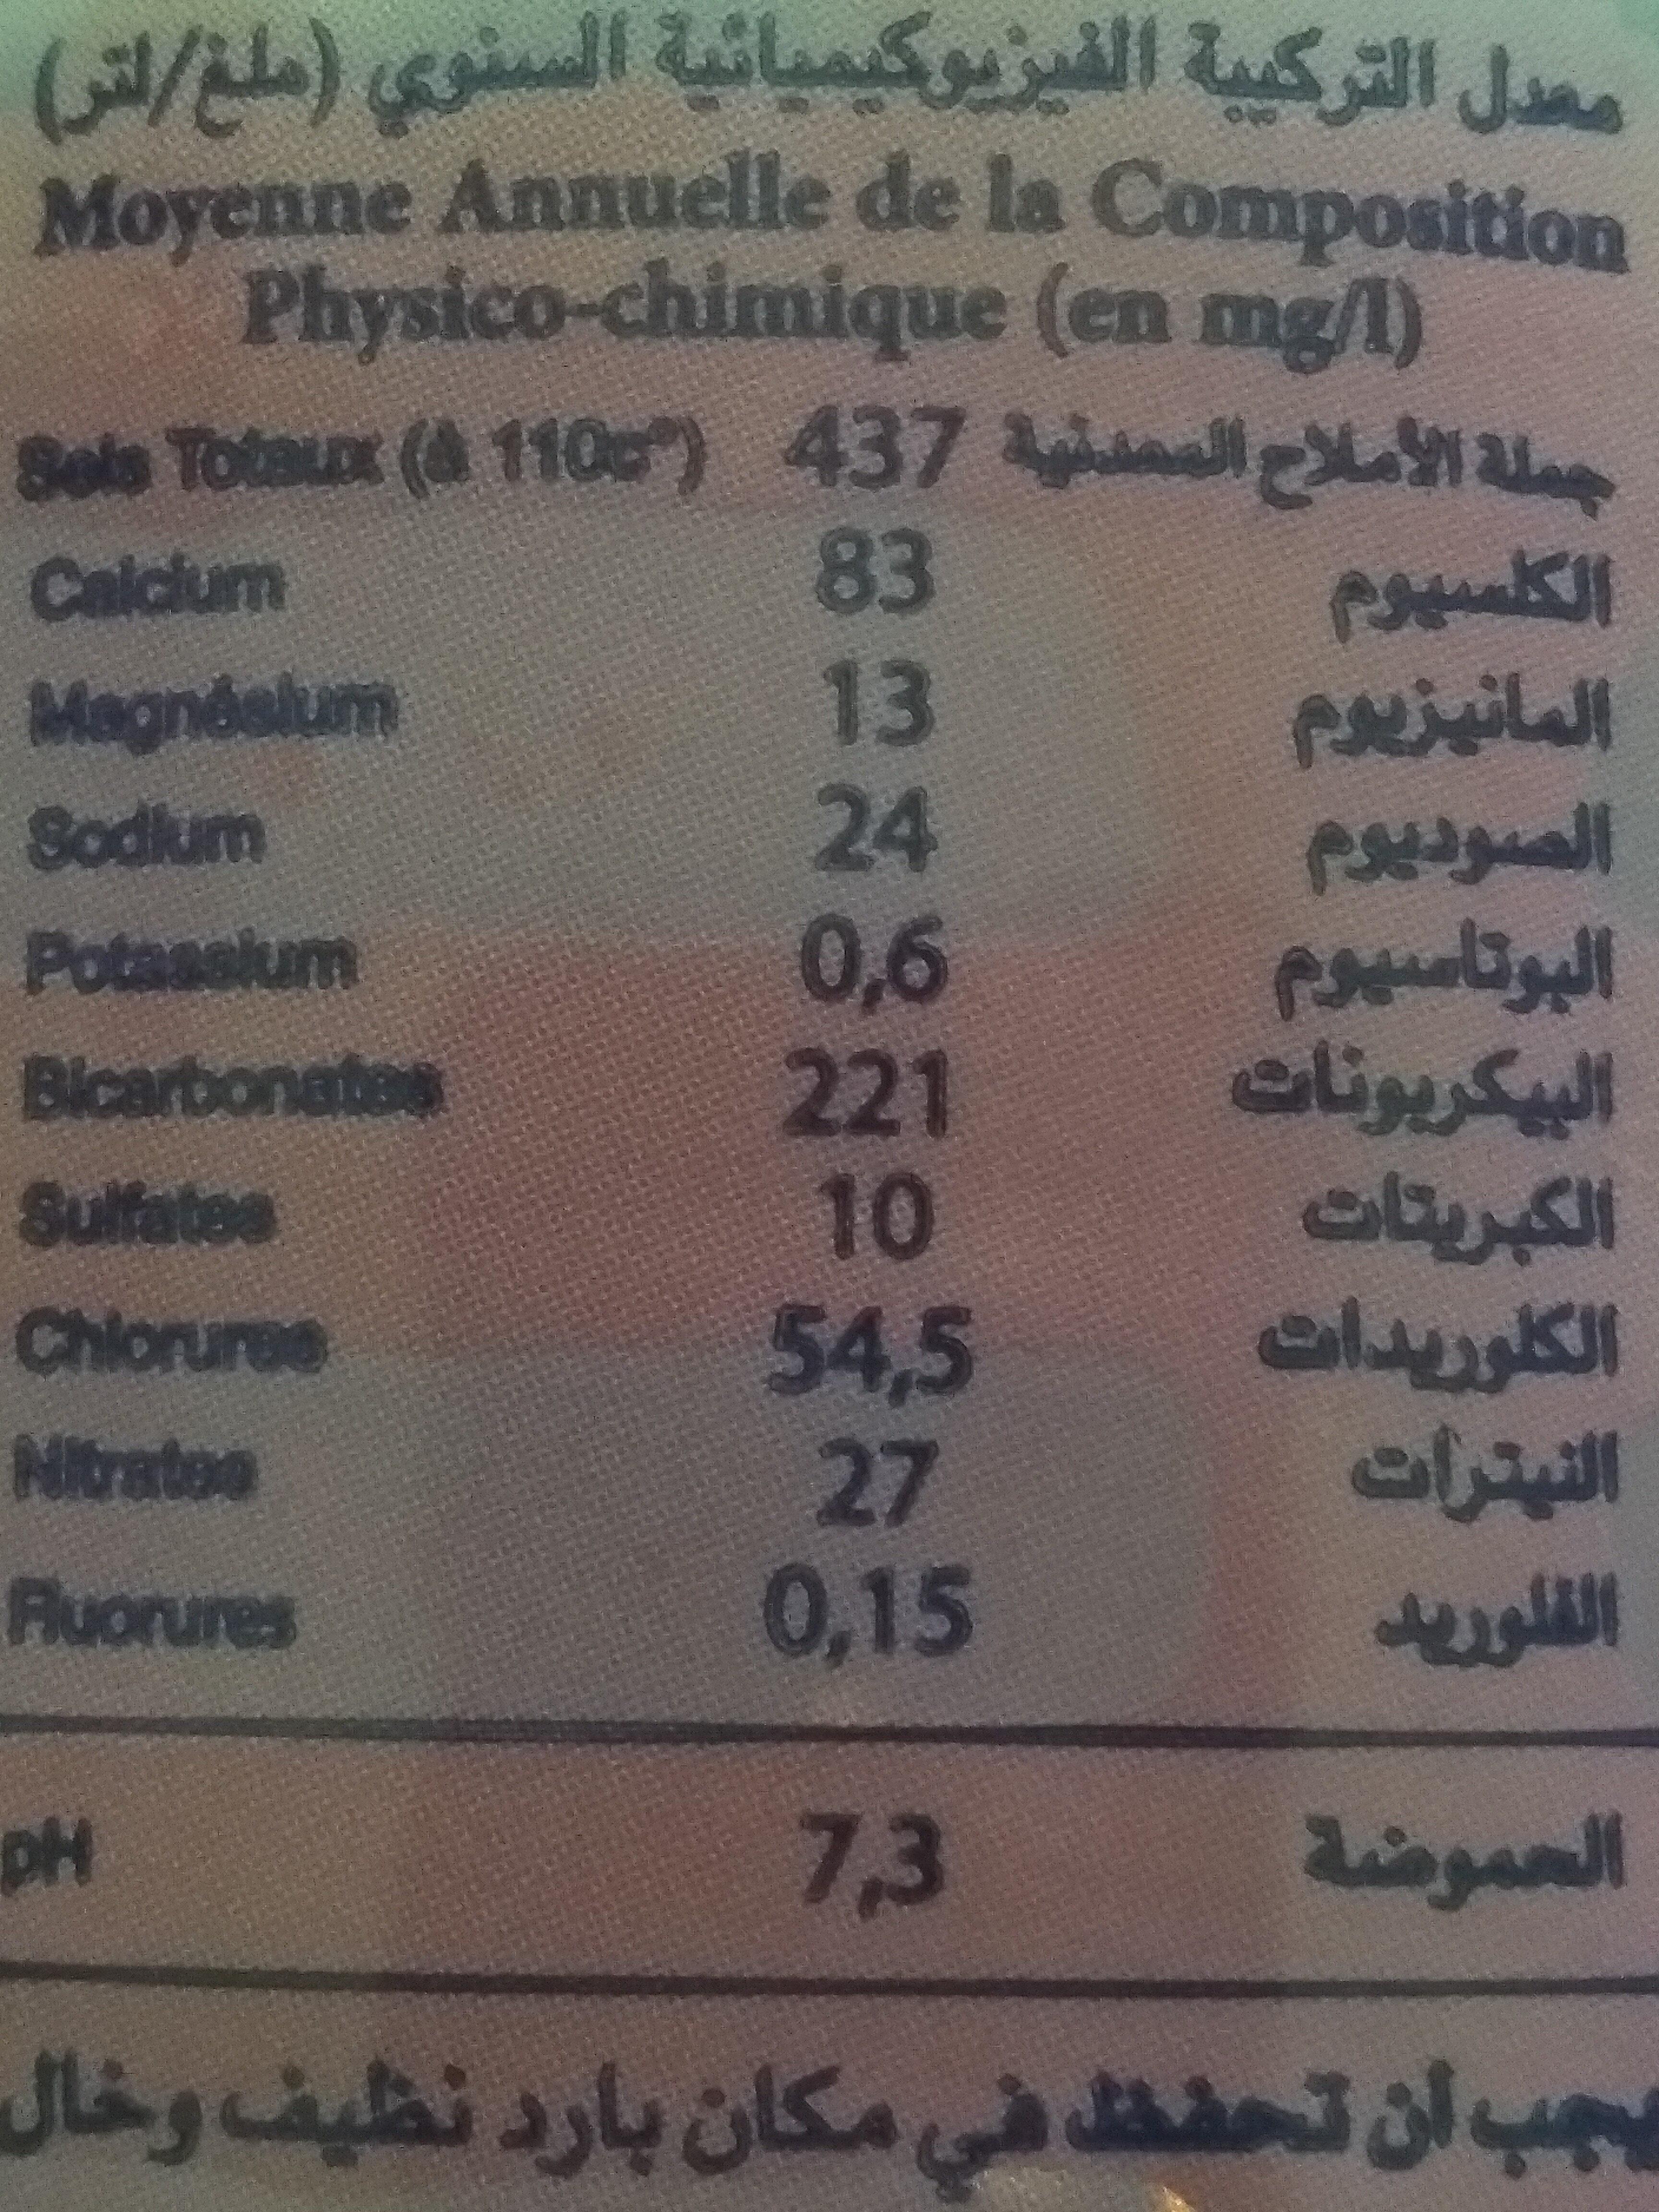 Safia - eau minérale - Nutrition facts - fr